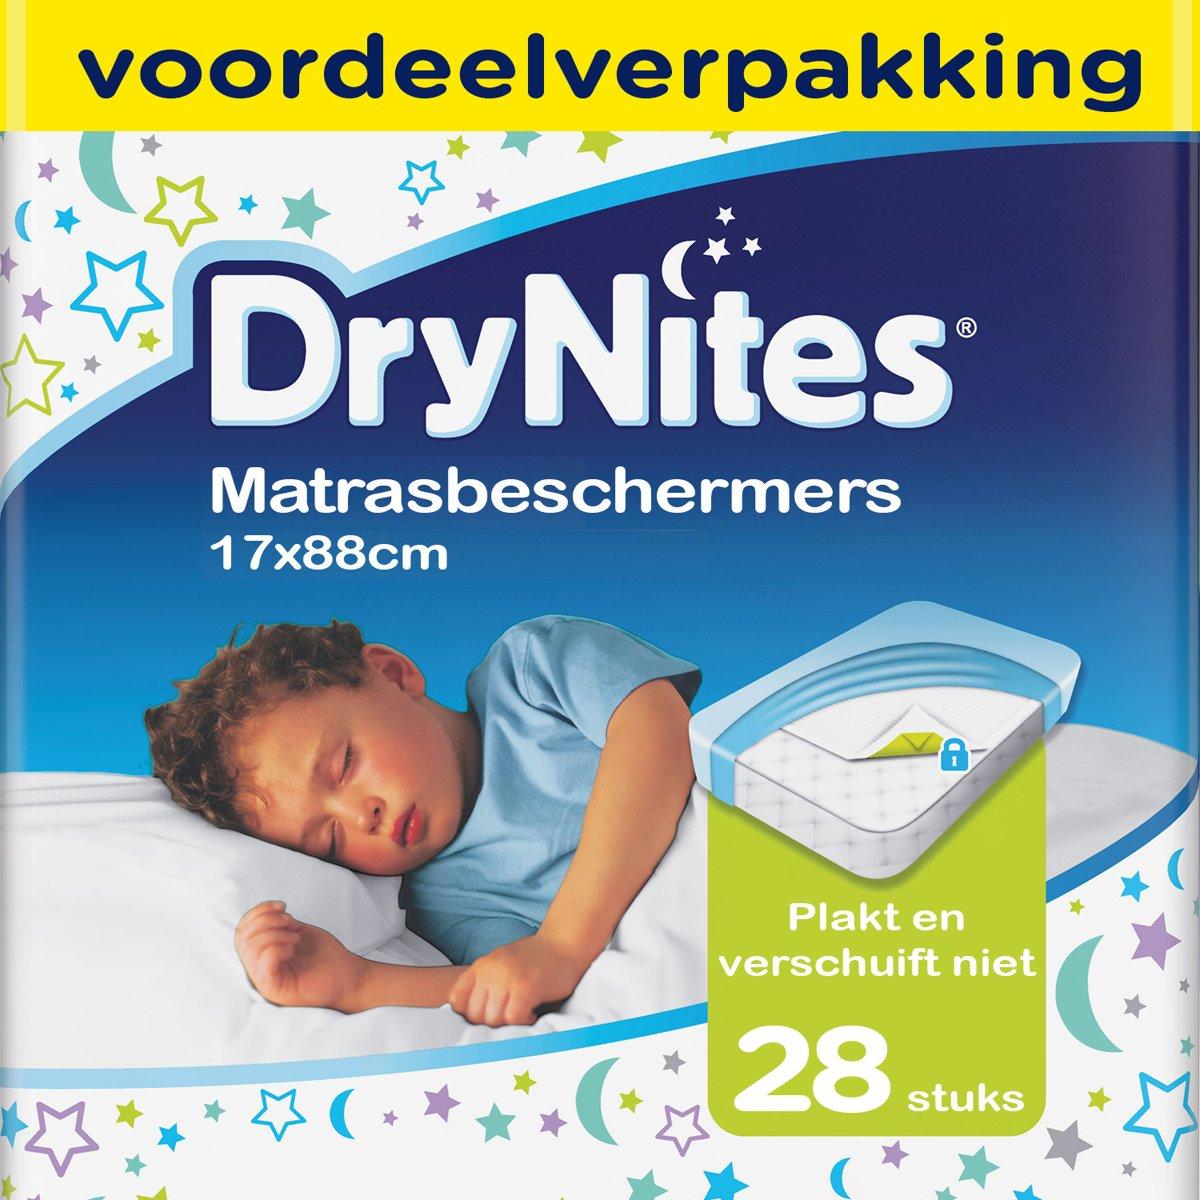 Huggies DryNites Matrasbeschermer - 4x 7 stuks - Voordeelverpakking